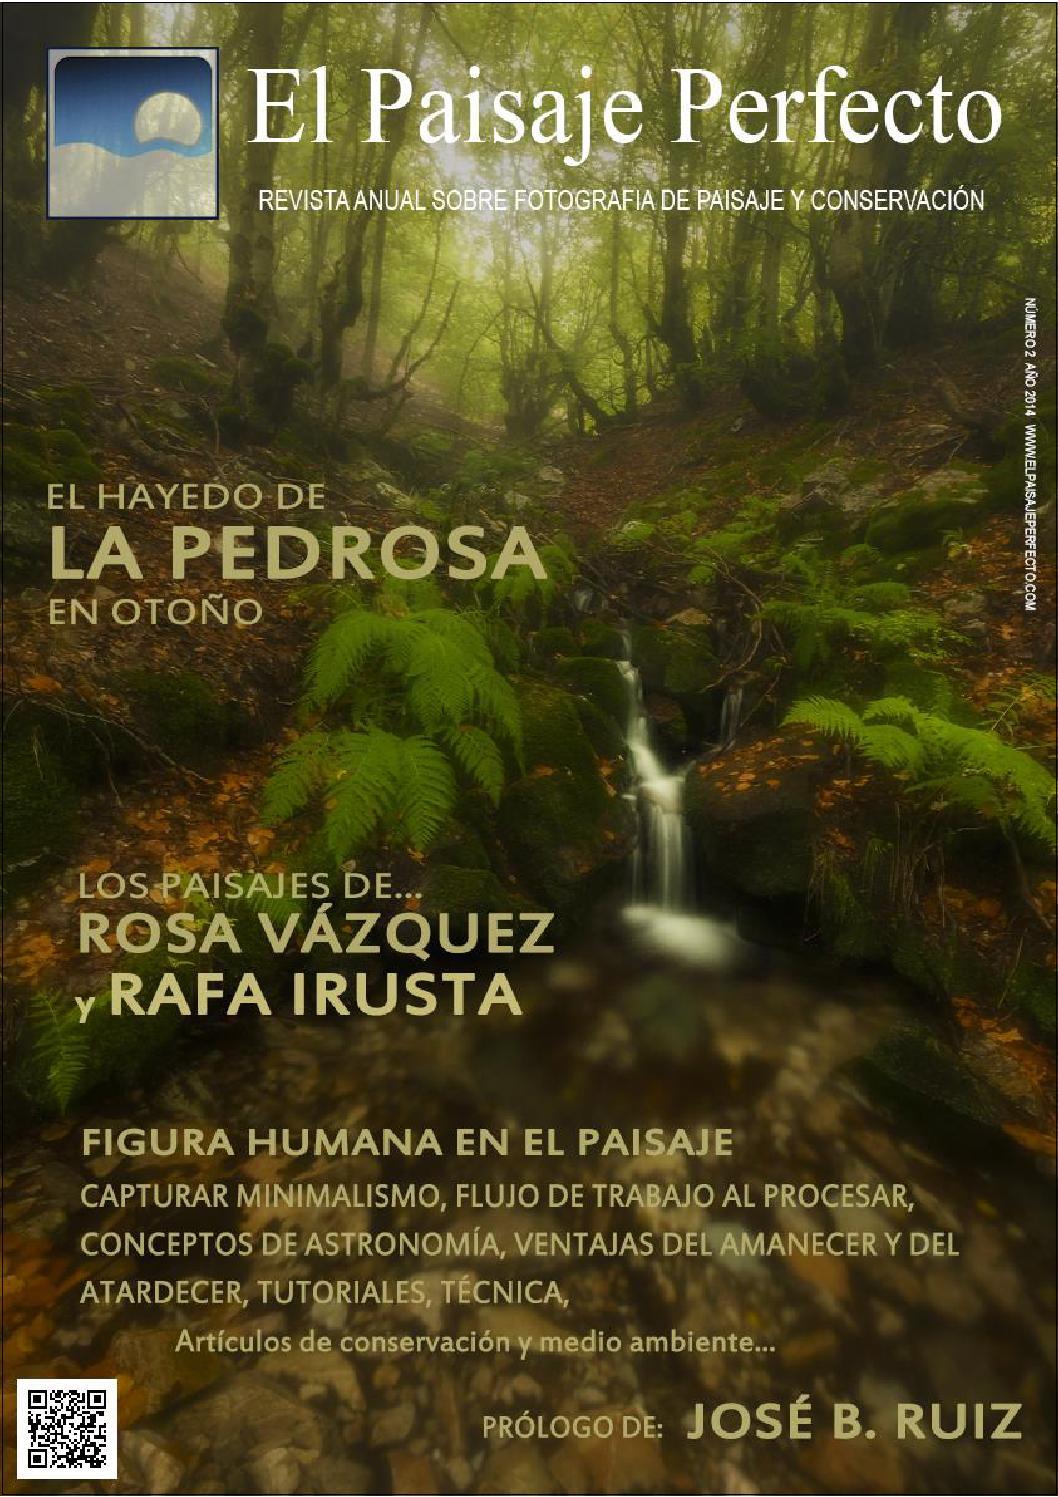 Revista el paisaje perfecto #2 by Pablo Sánchez Sánchez - issuu